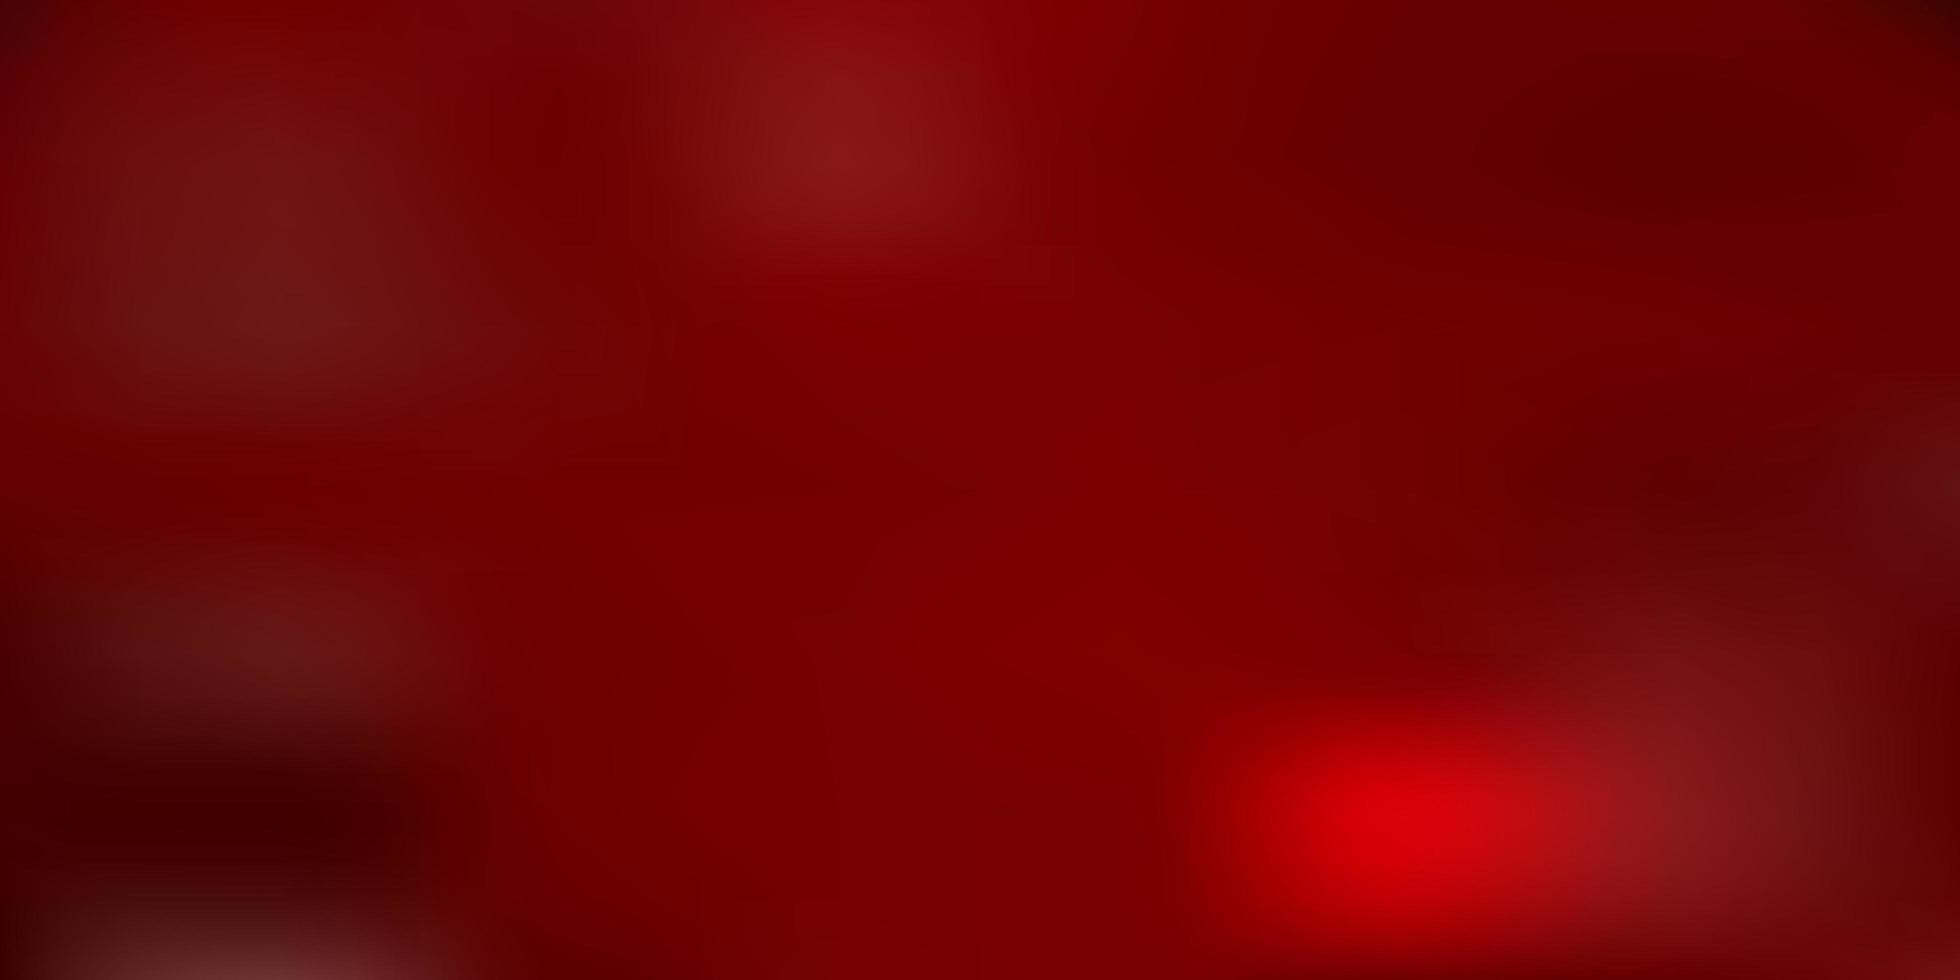 ljusröd bakgrund. vektor